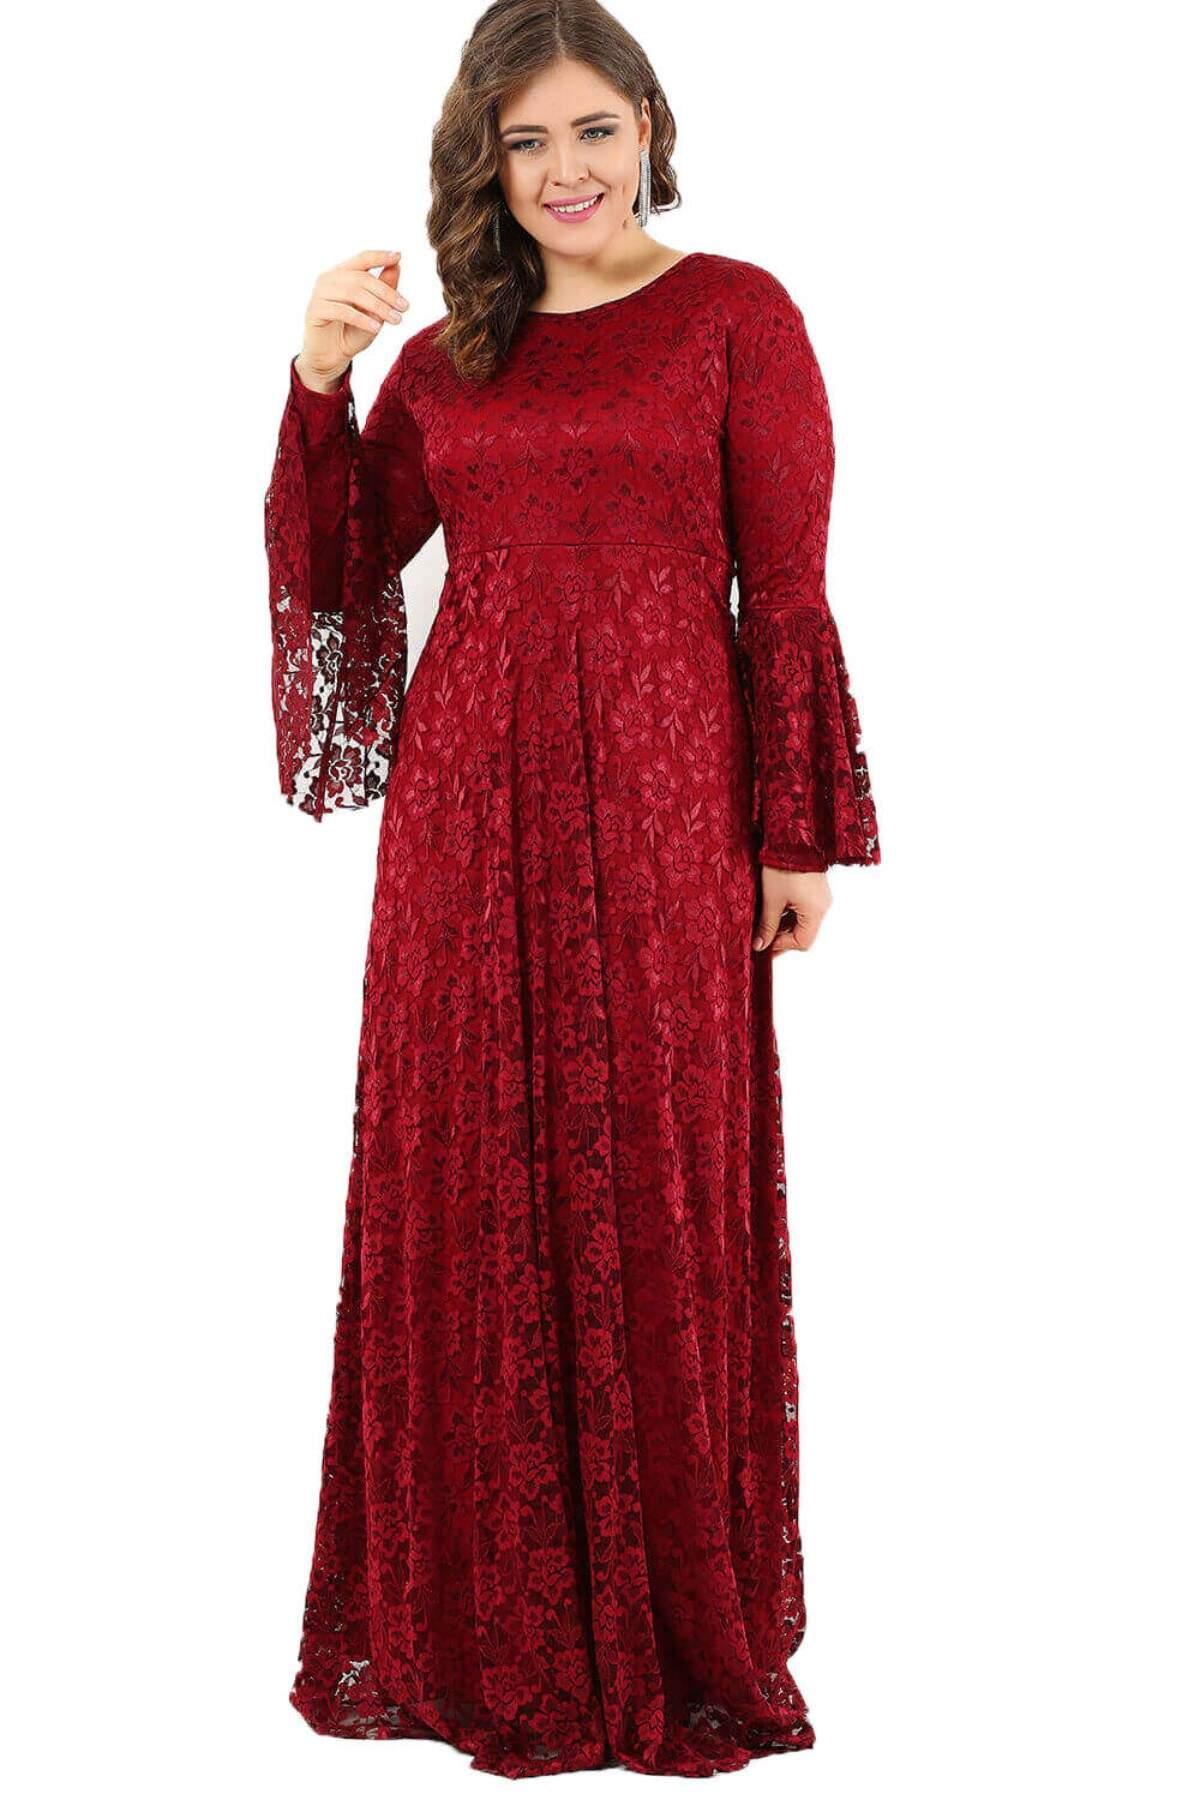 Büyük Beden Kolları Volanlı Tesettür Elbise 110-791